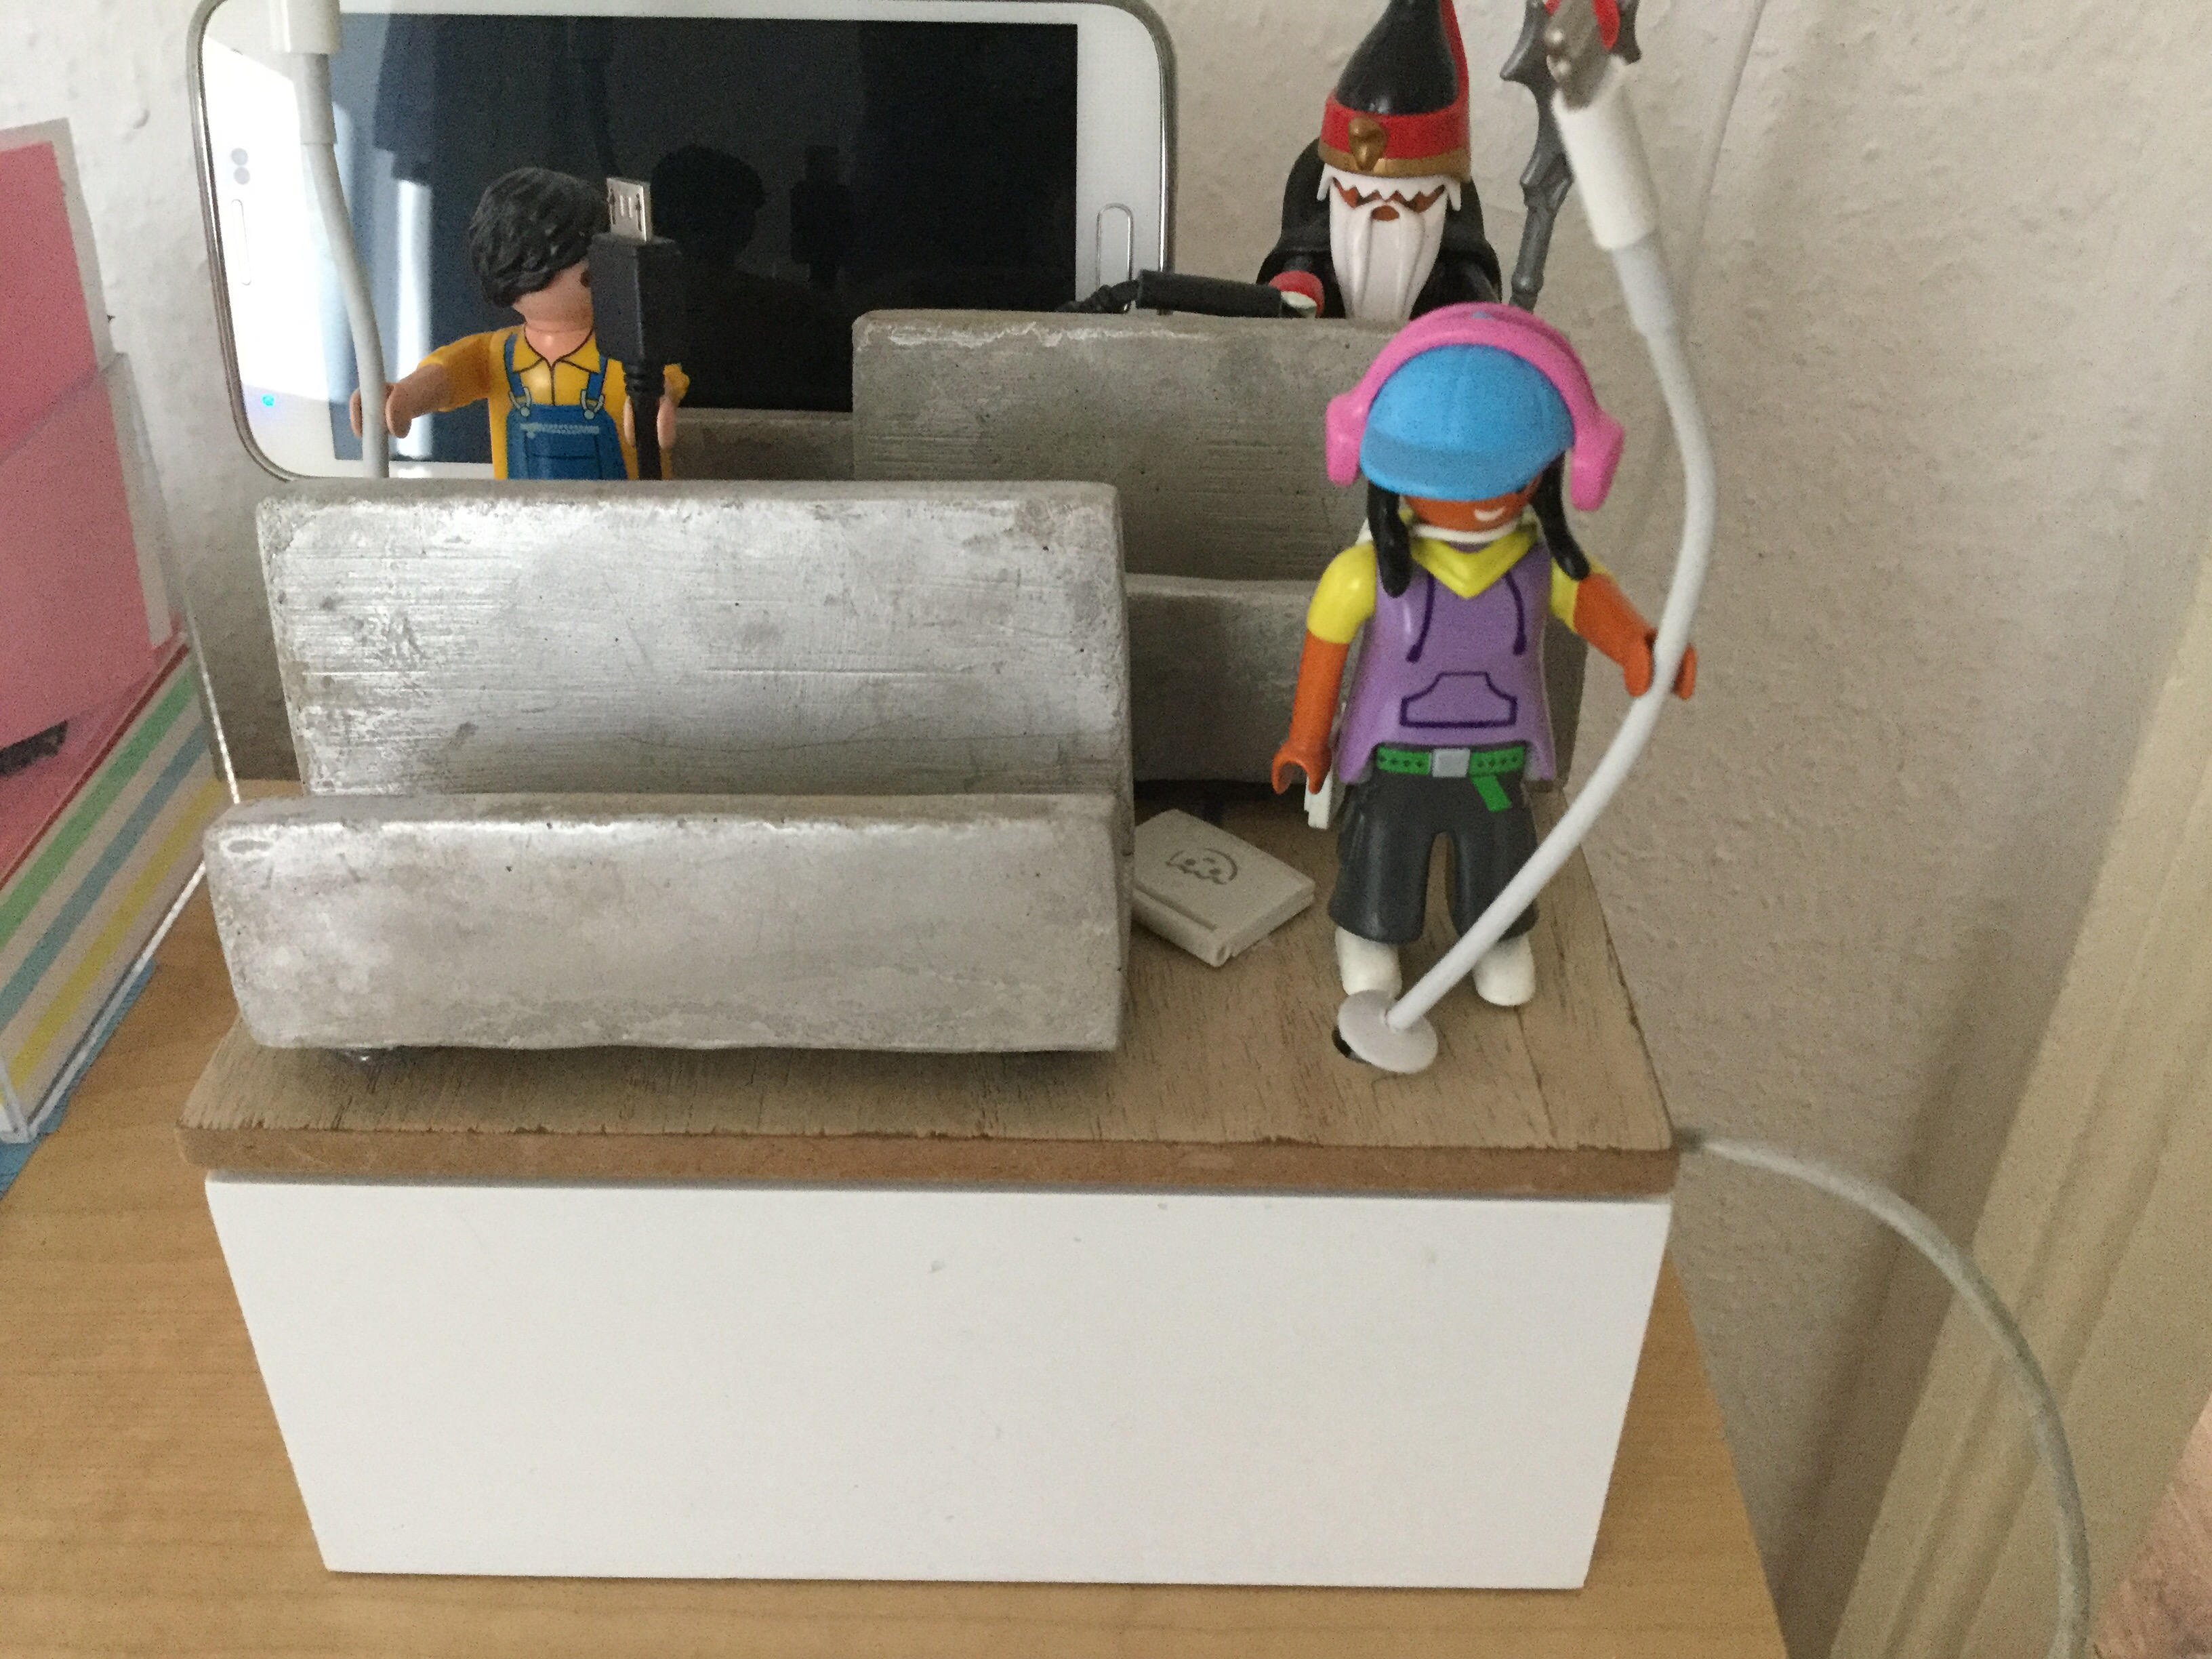 Ladestation, weißes Kästchen mit drei Handy-Ruhebänken und Playmobil-Figuren, die die Ladekabel halten